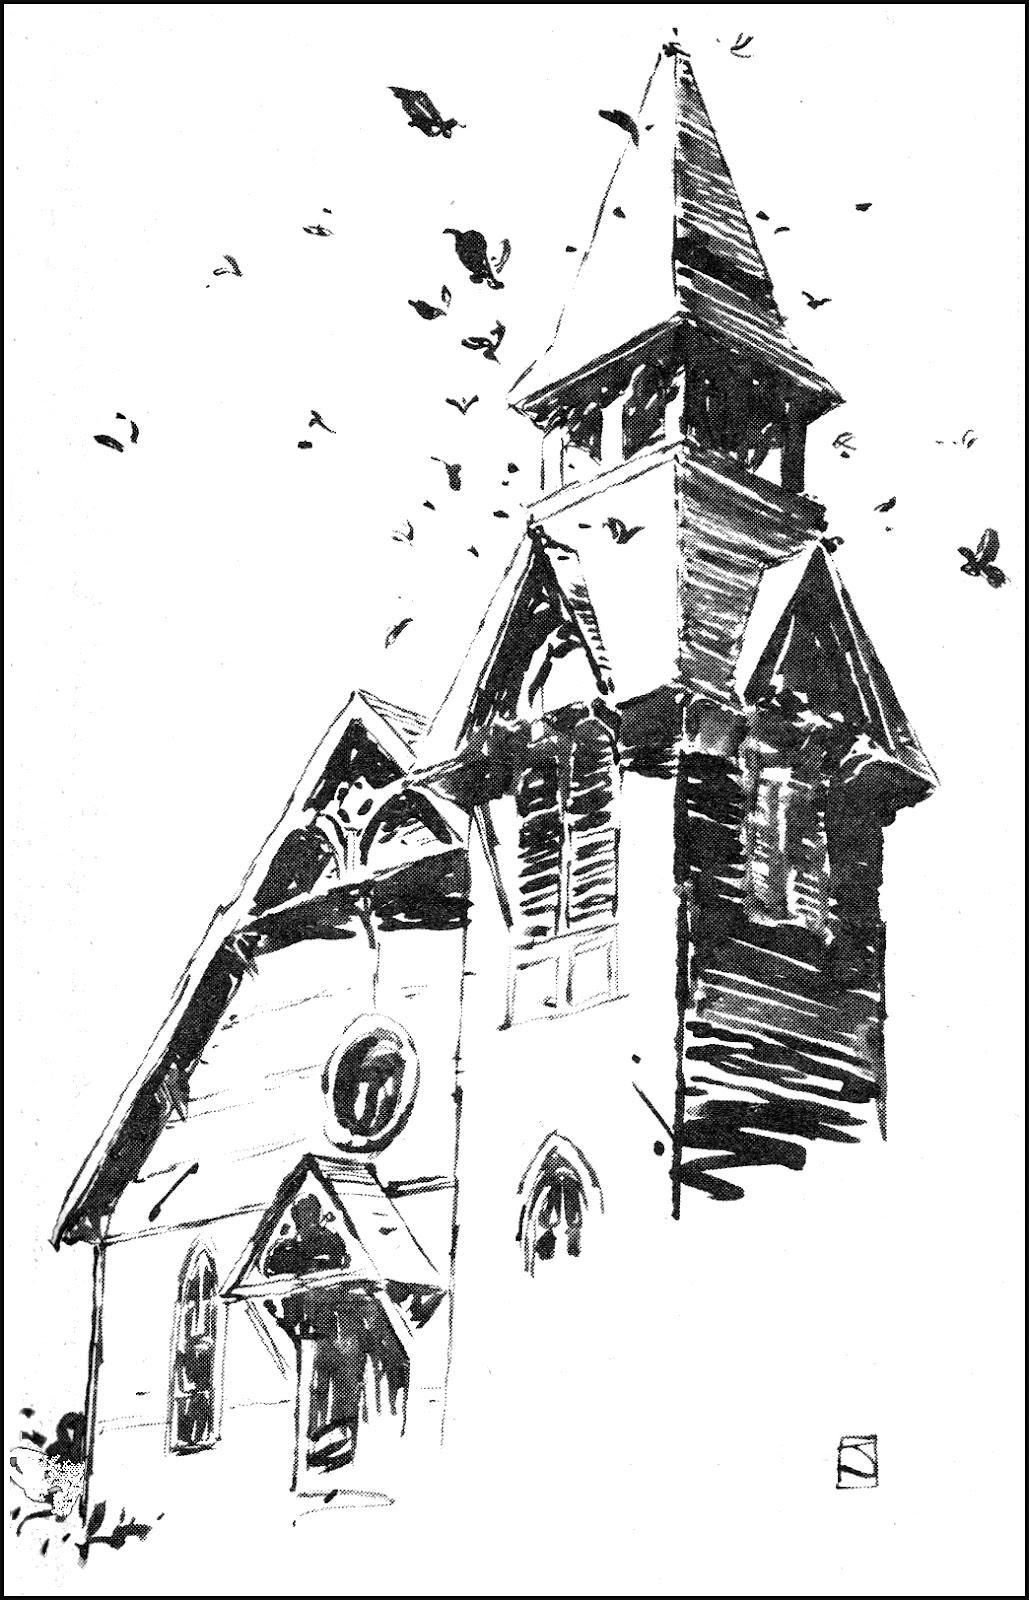 02_bookofreh_01_1976_jones_pigeonsfromhe